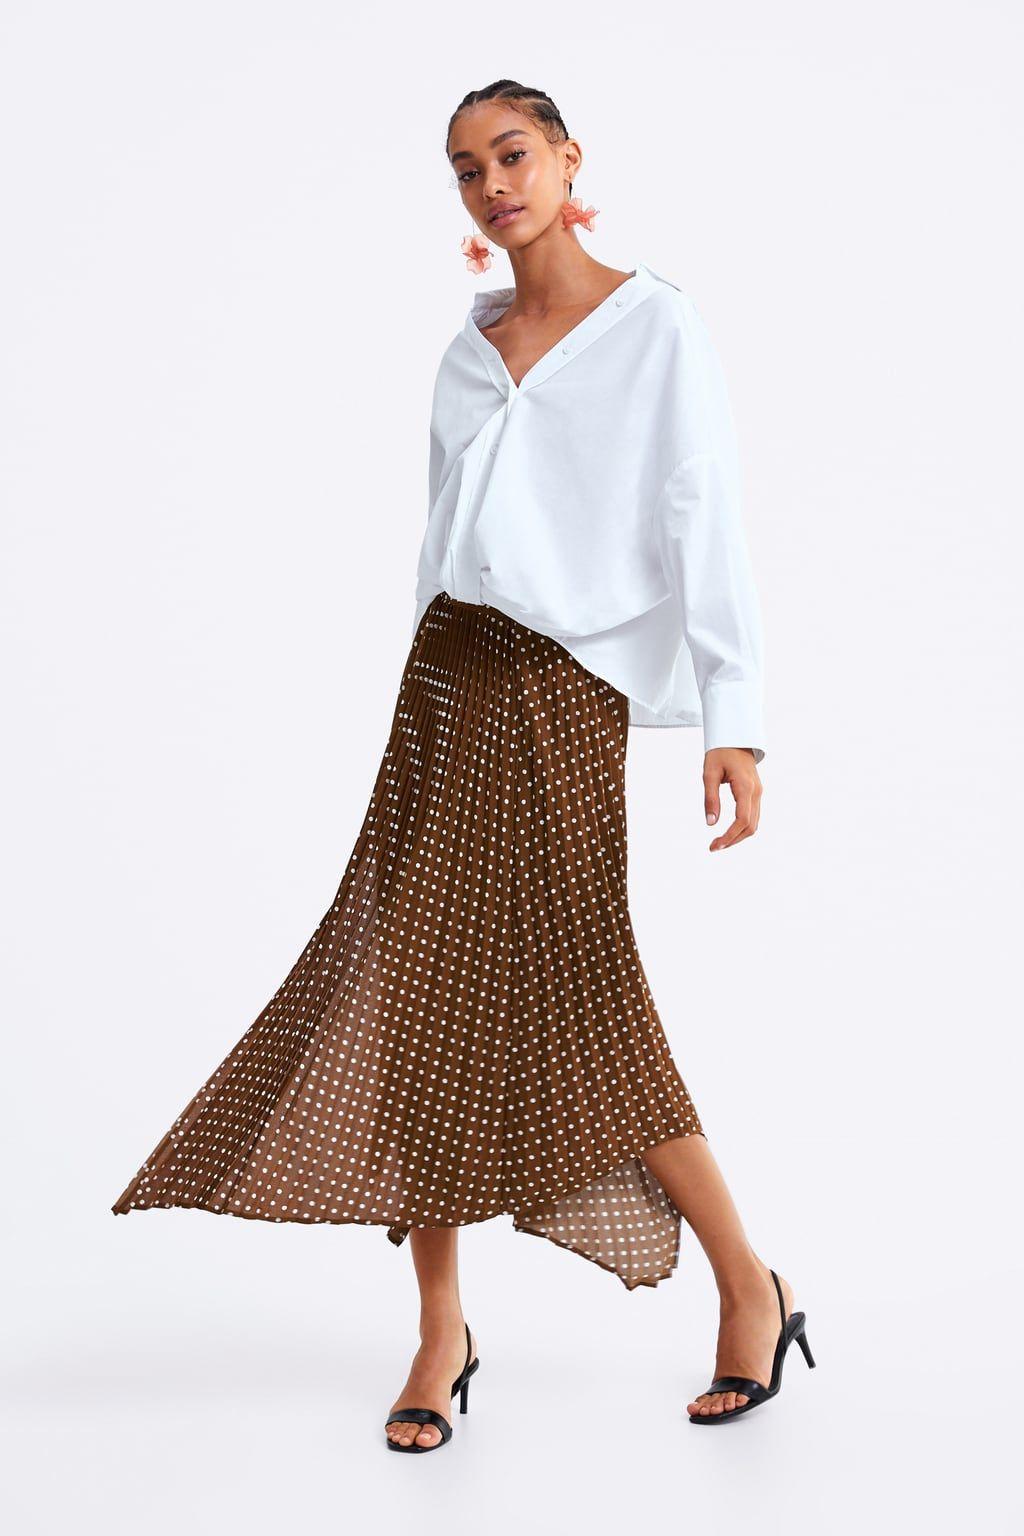 b47d61b1 Zara tiene las faldas largas para llevar como invitada y en tu día a día